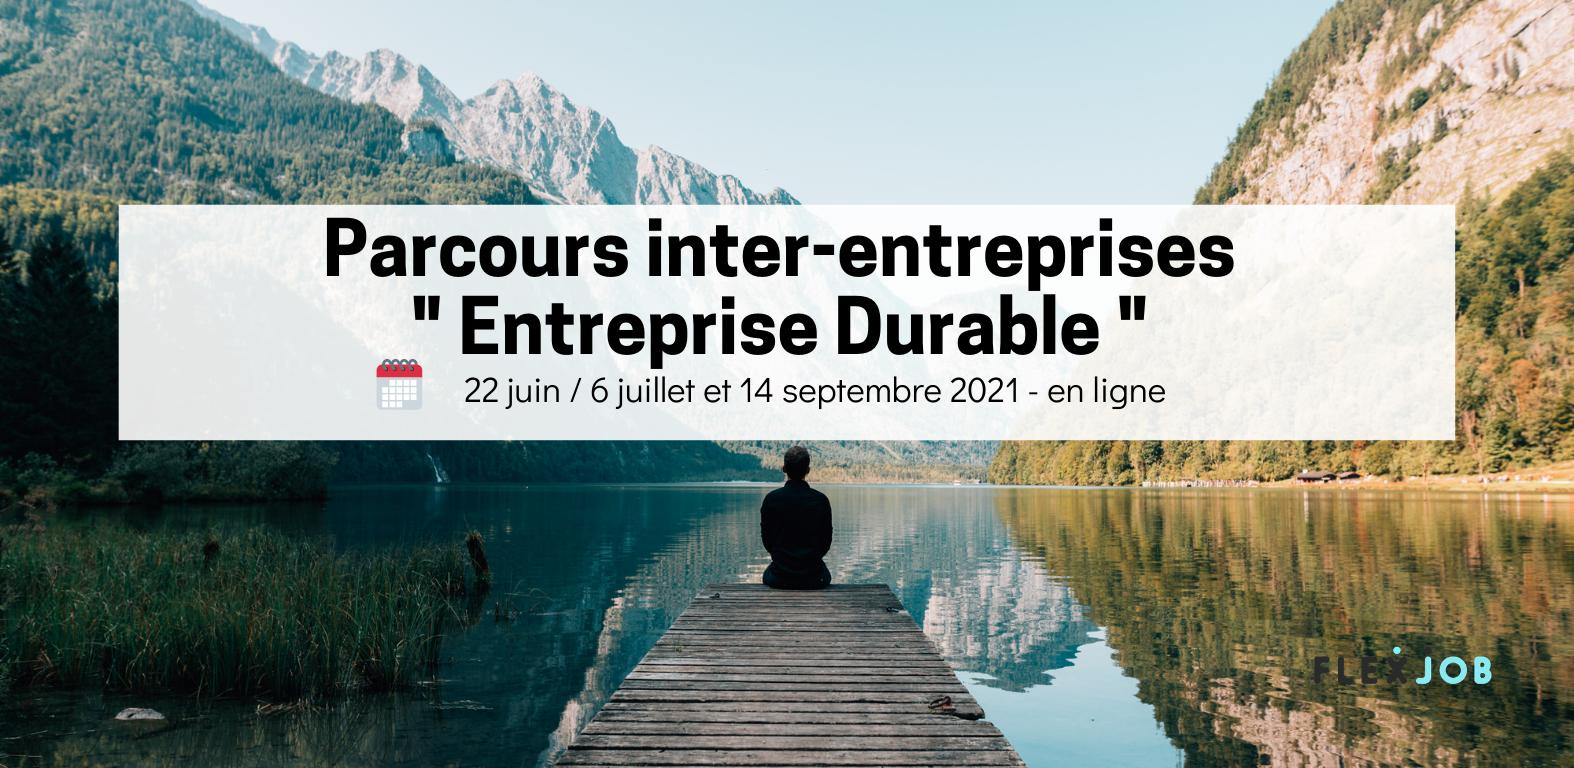 """Découvrez notre parcours inter-entreprises """"Entreprise Durable"""" en juin 2021 !"""